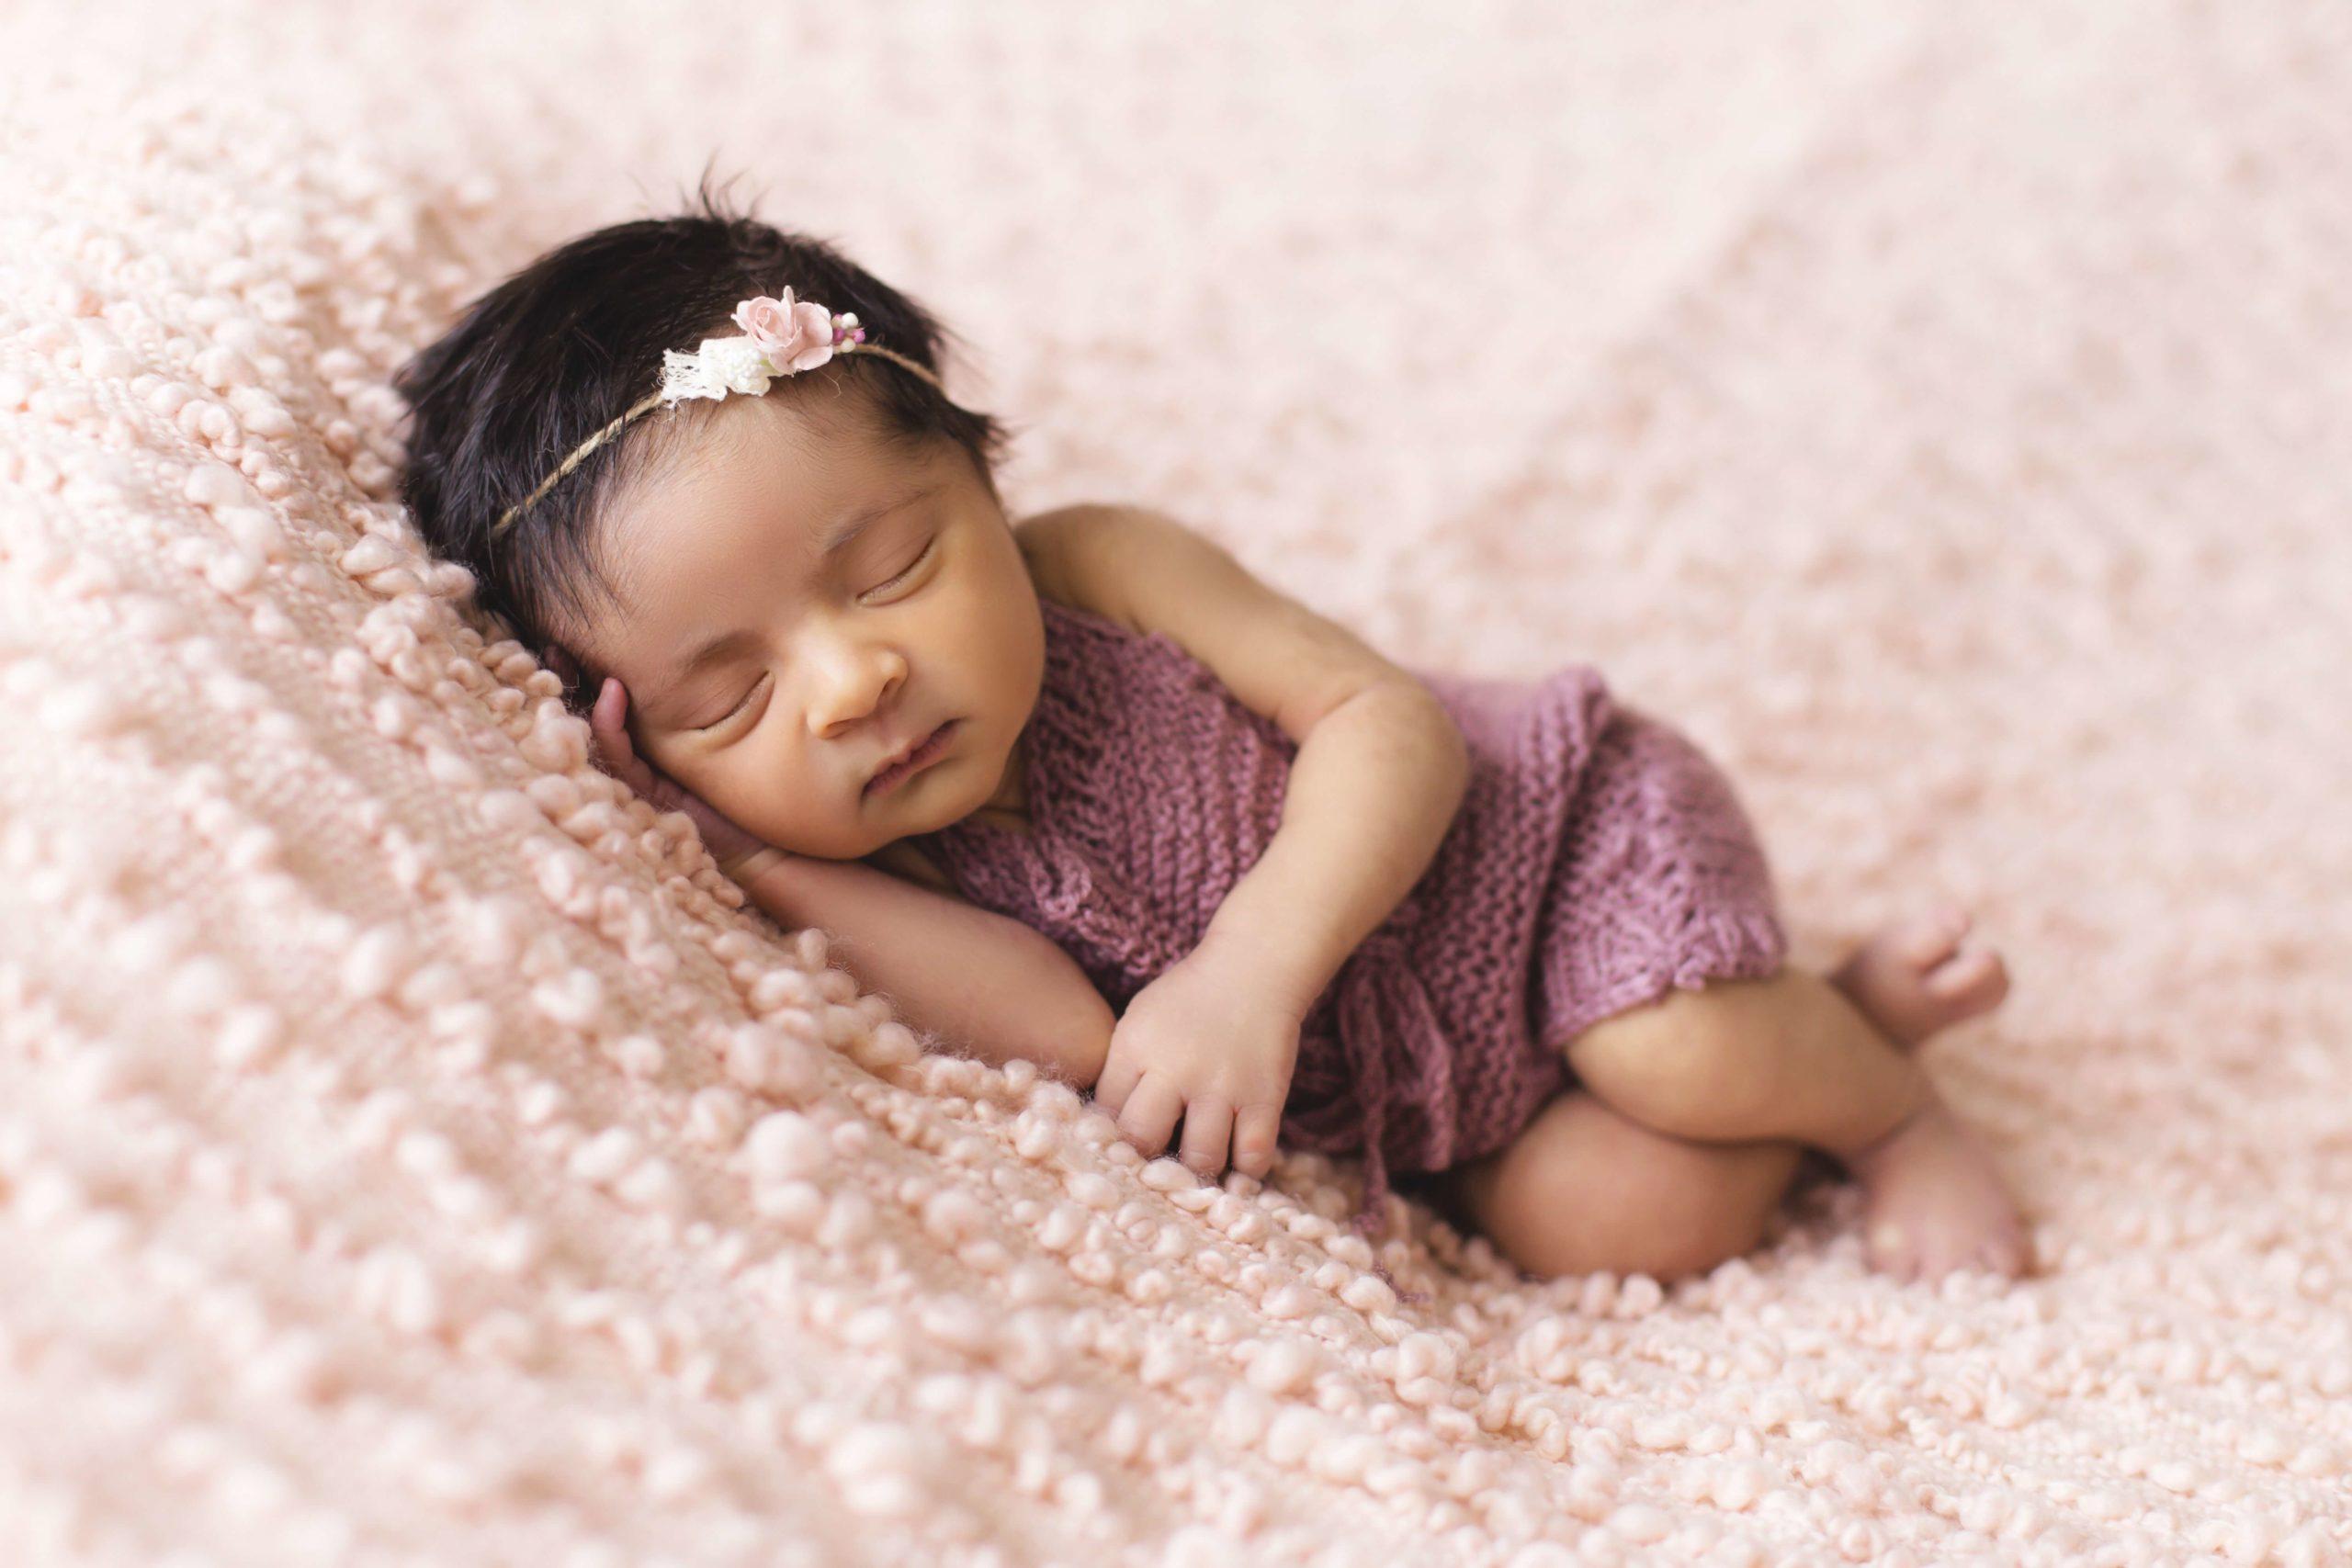 5 articole vestimentare pe care orice mămică ar trebui să le aibă pentru nou-născutul ei